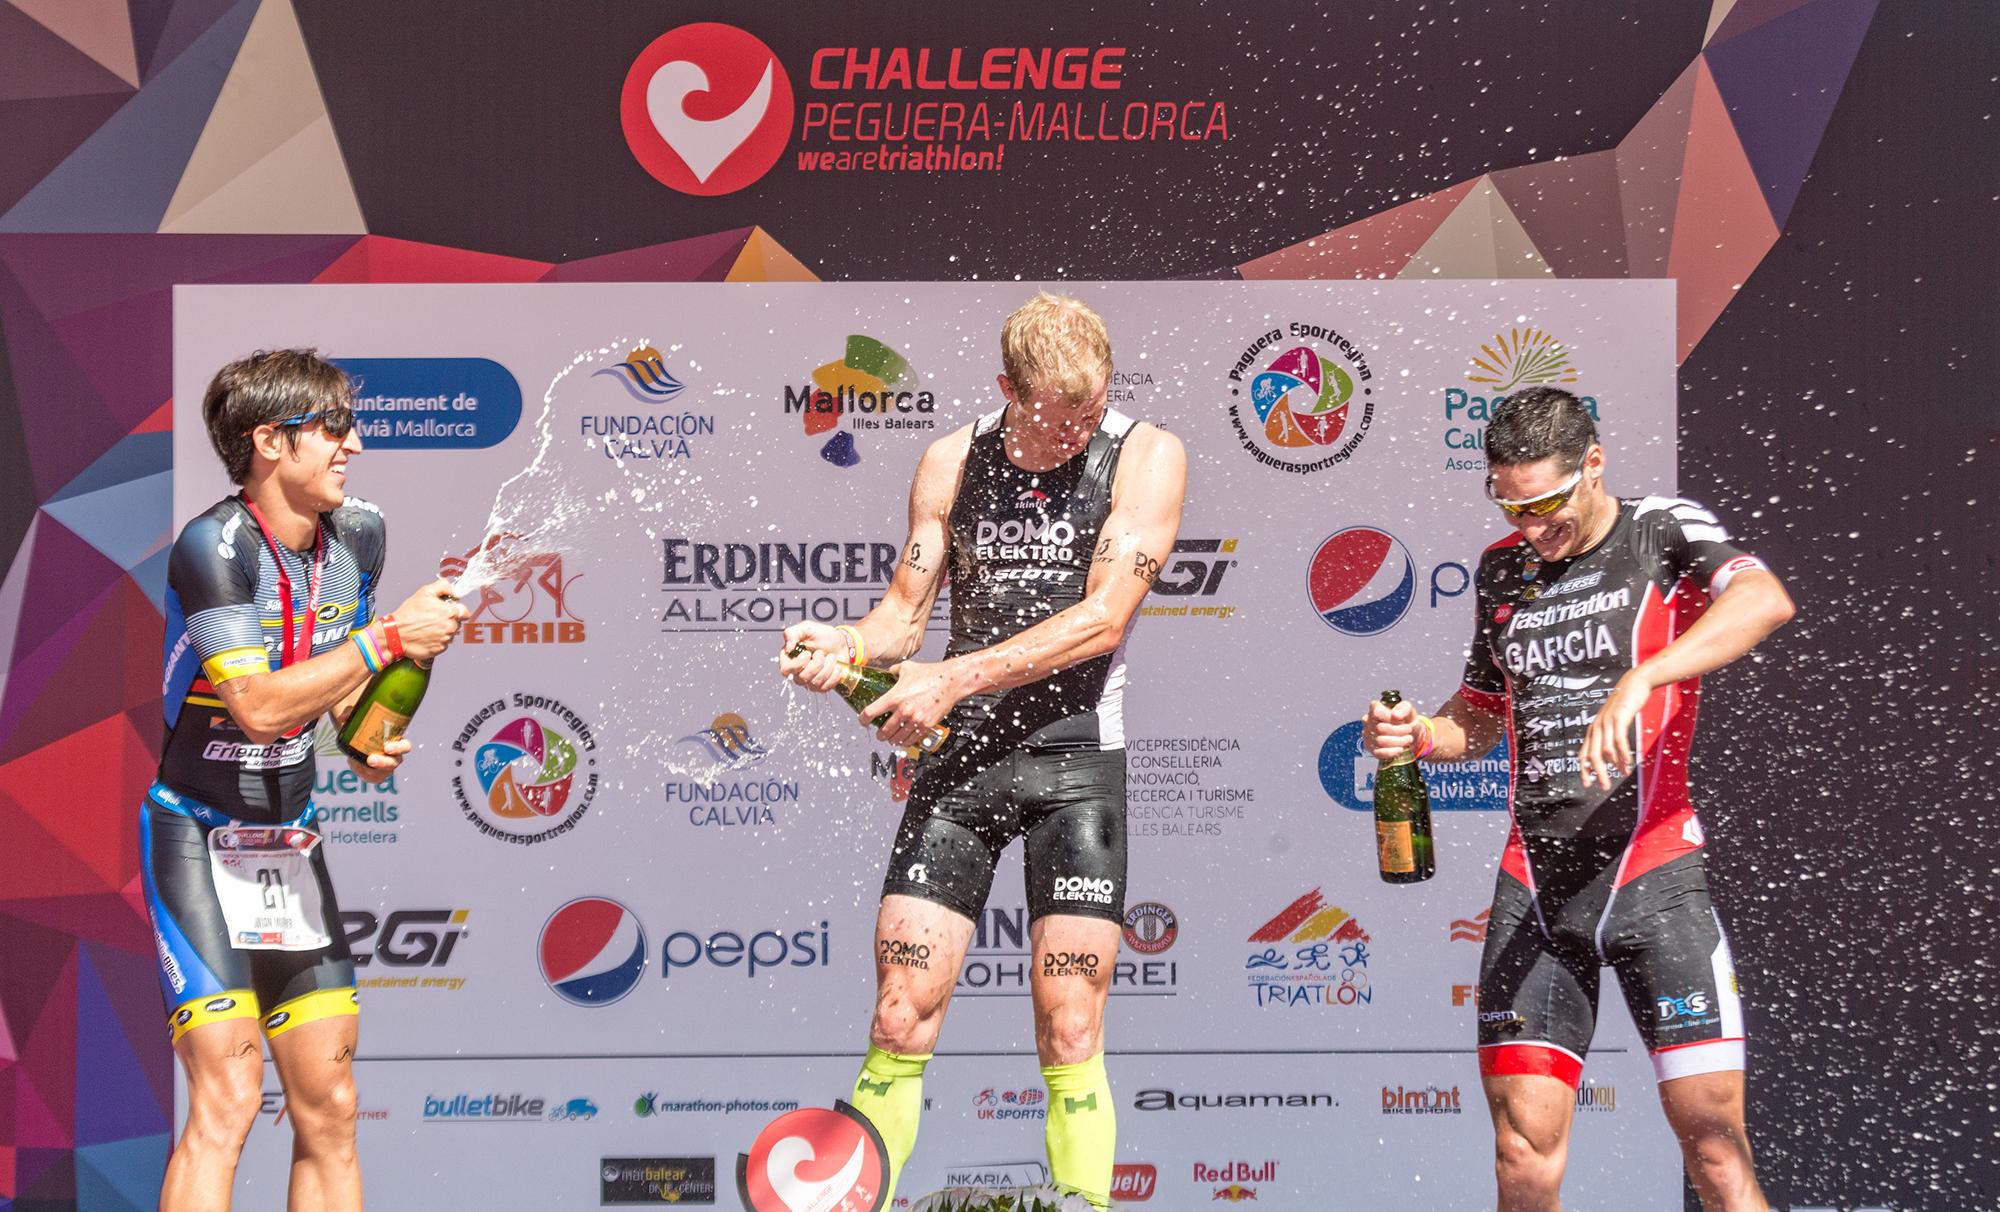 Challenge Paguera-Mallorca